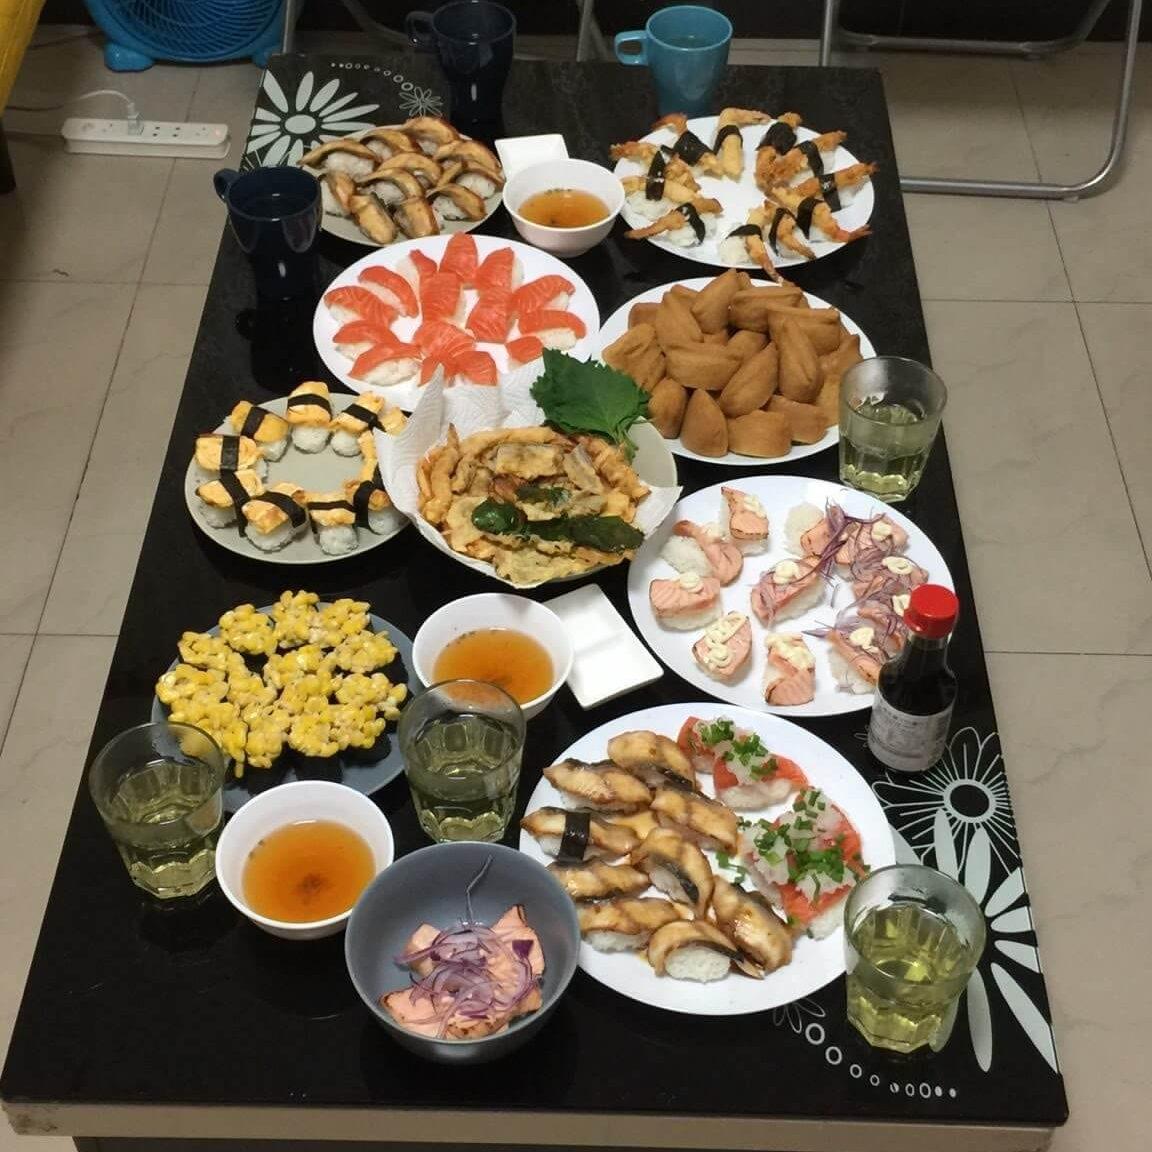 中国の友人と楽しんだ寿司パーティー